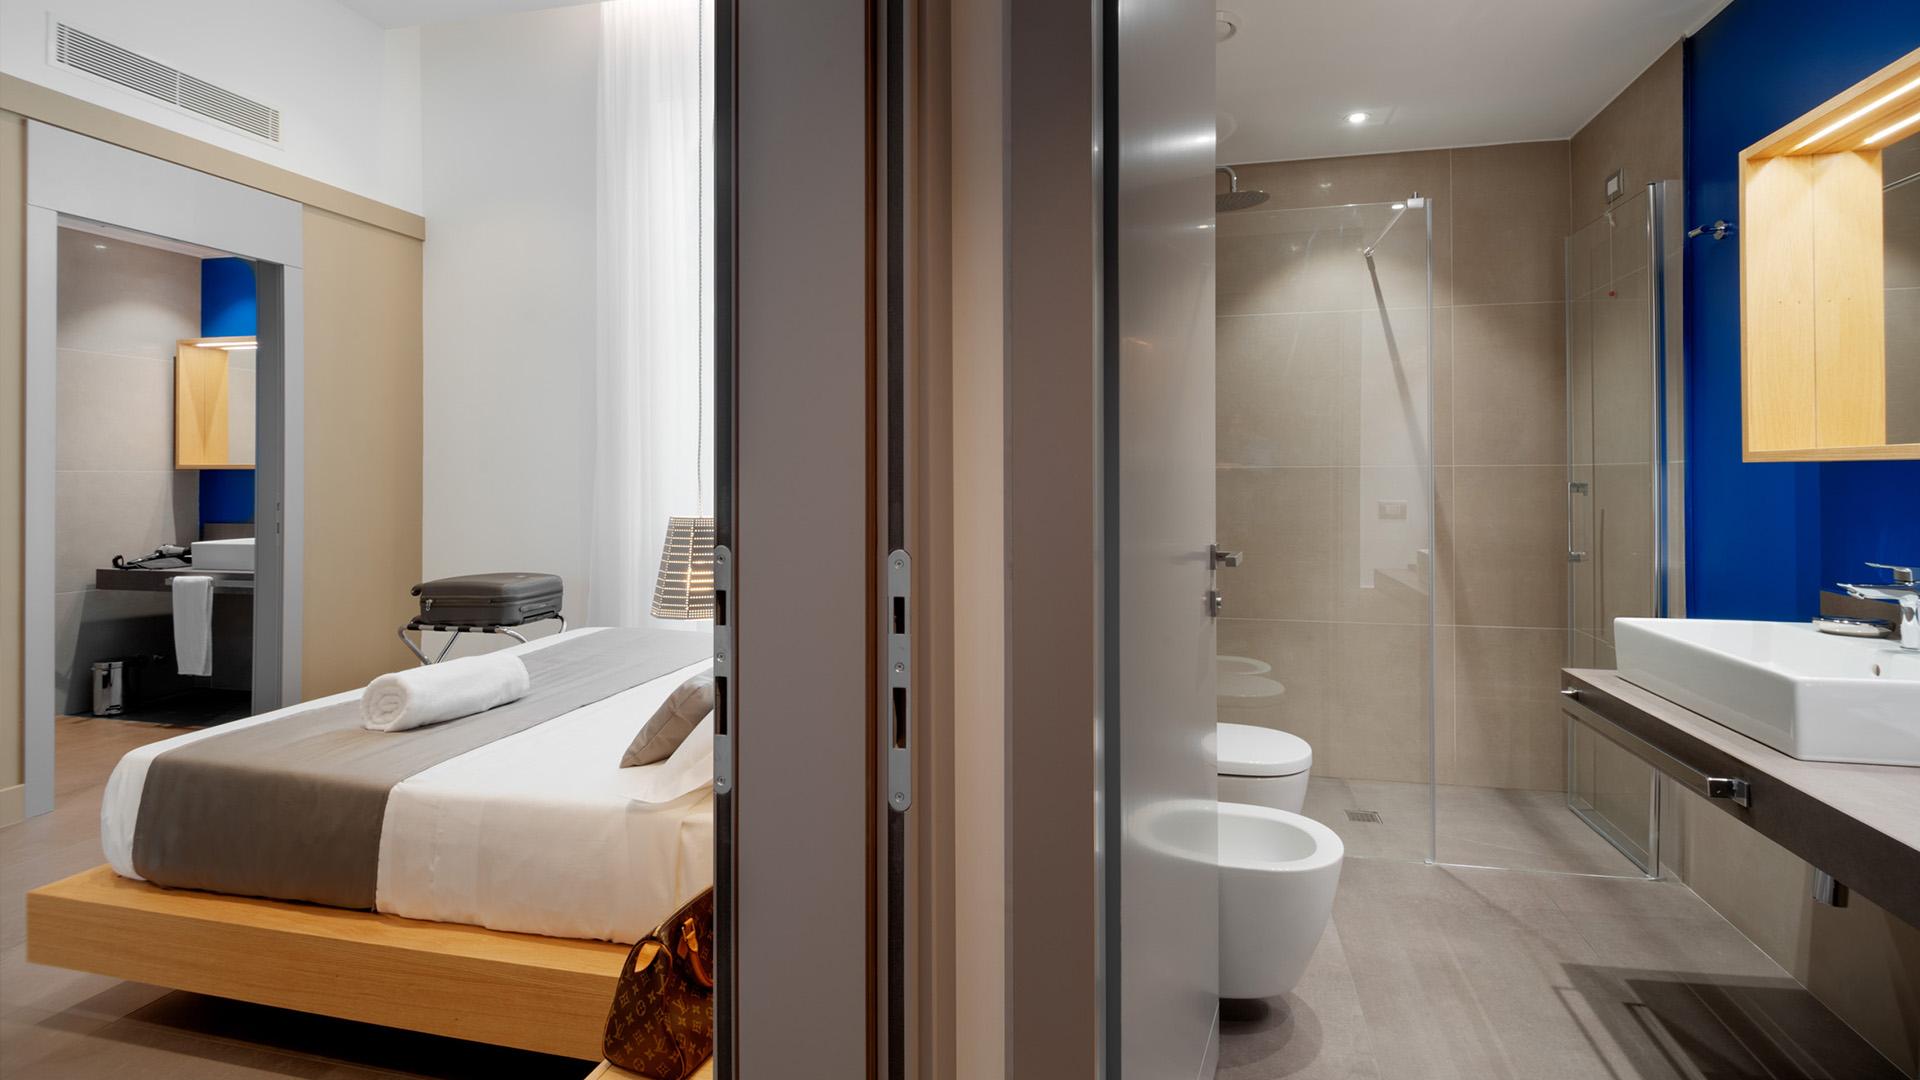 Hotel Medinblu - Suite